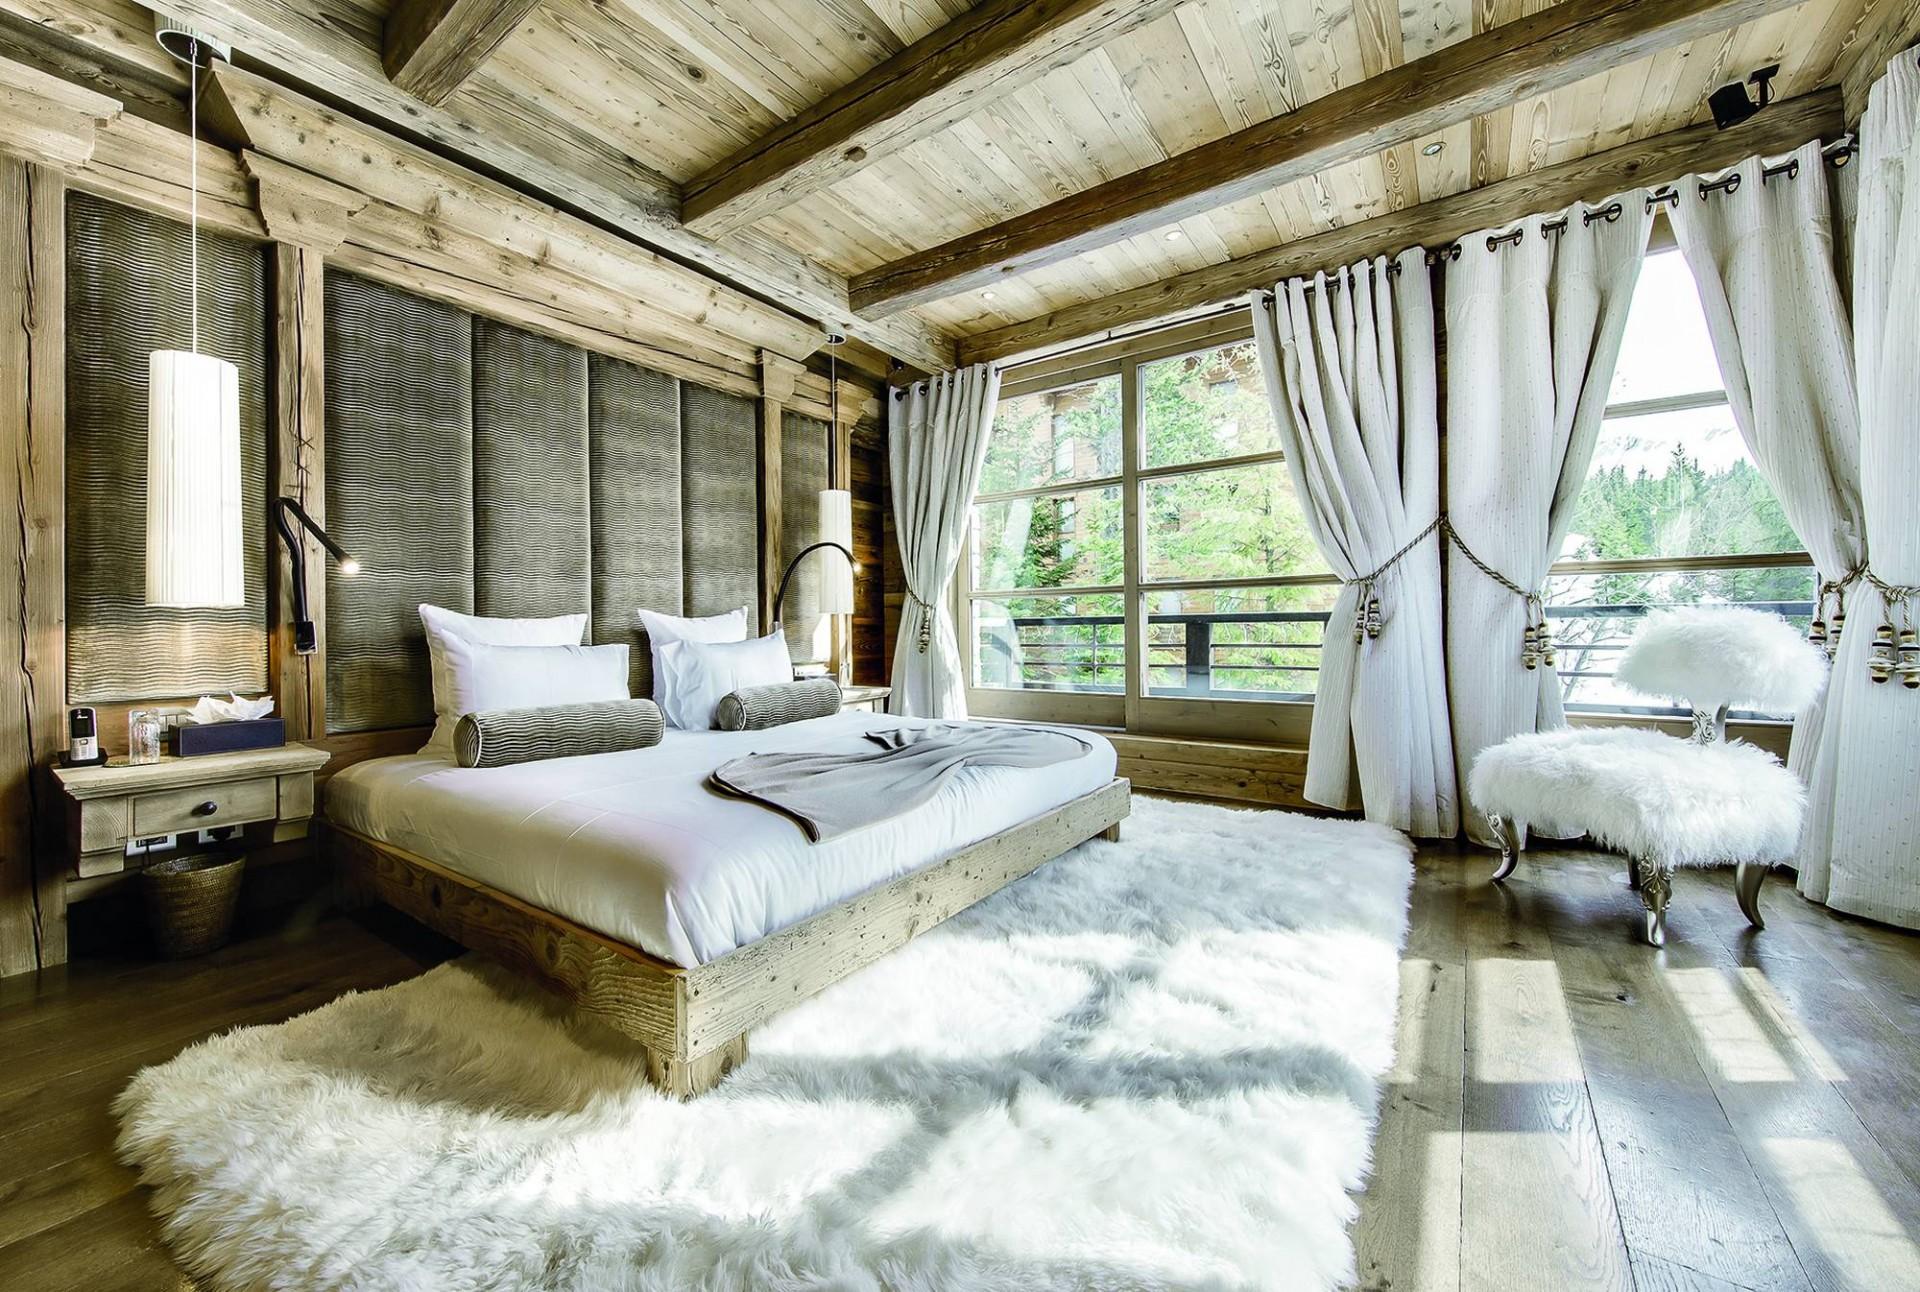 Courchevel 1850 Luxury Rental Chalet Bepalite Bedroom 6